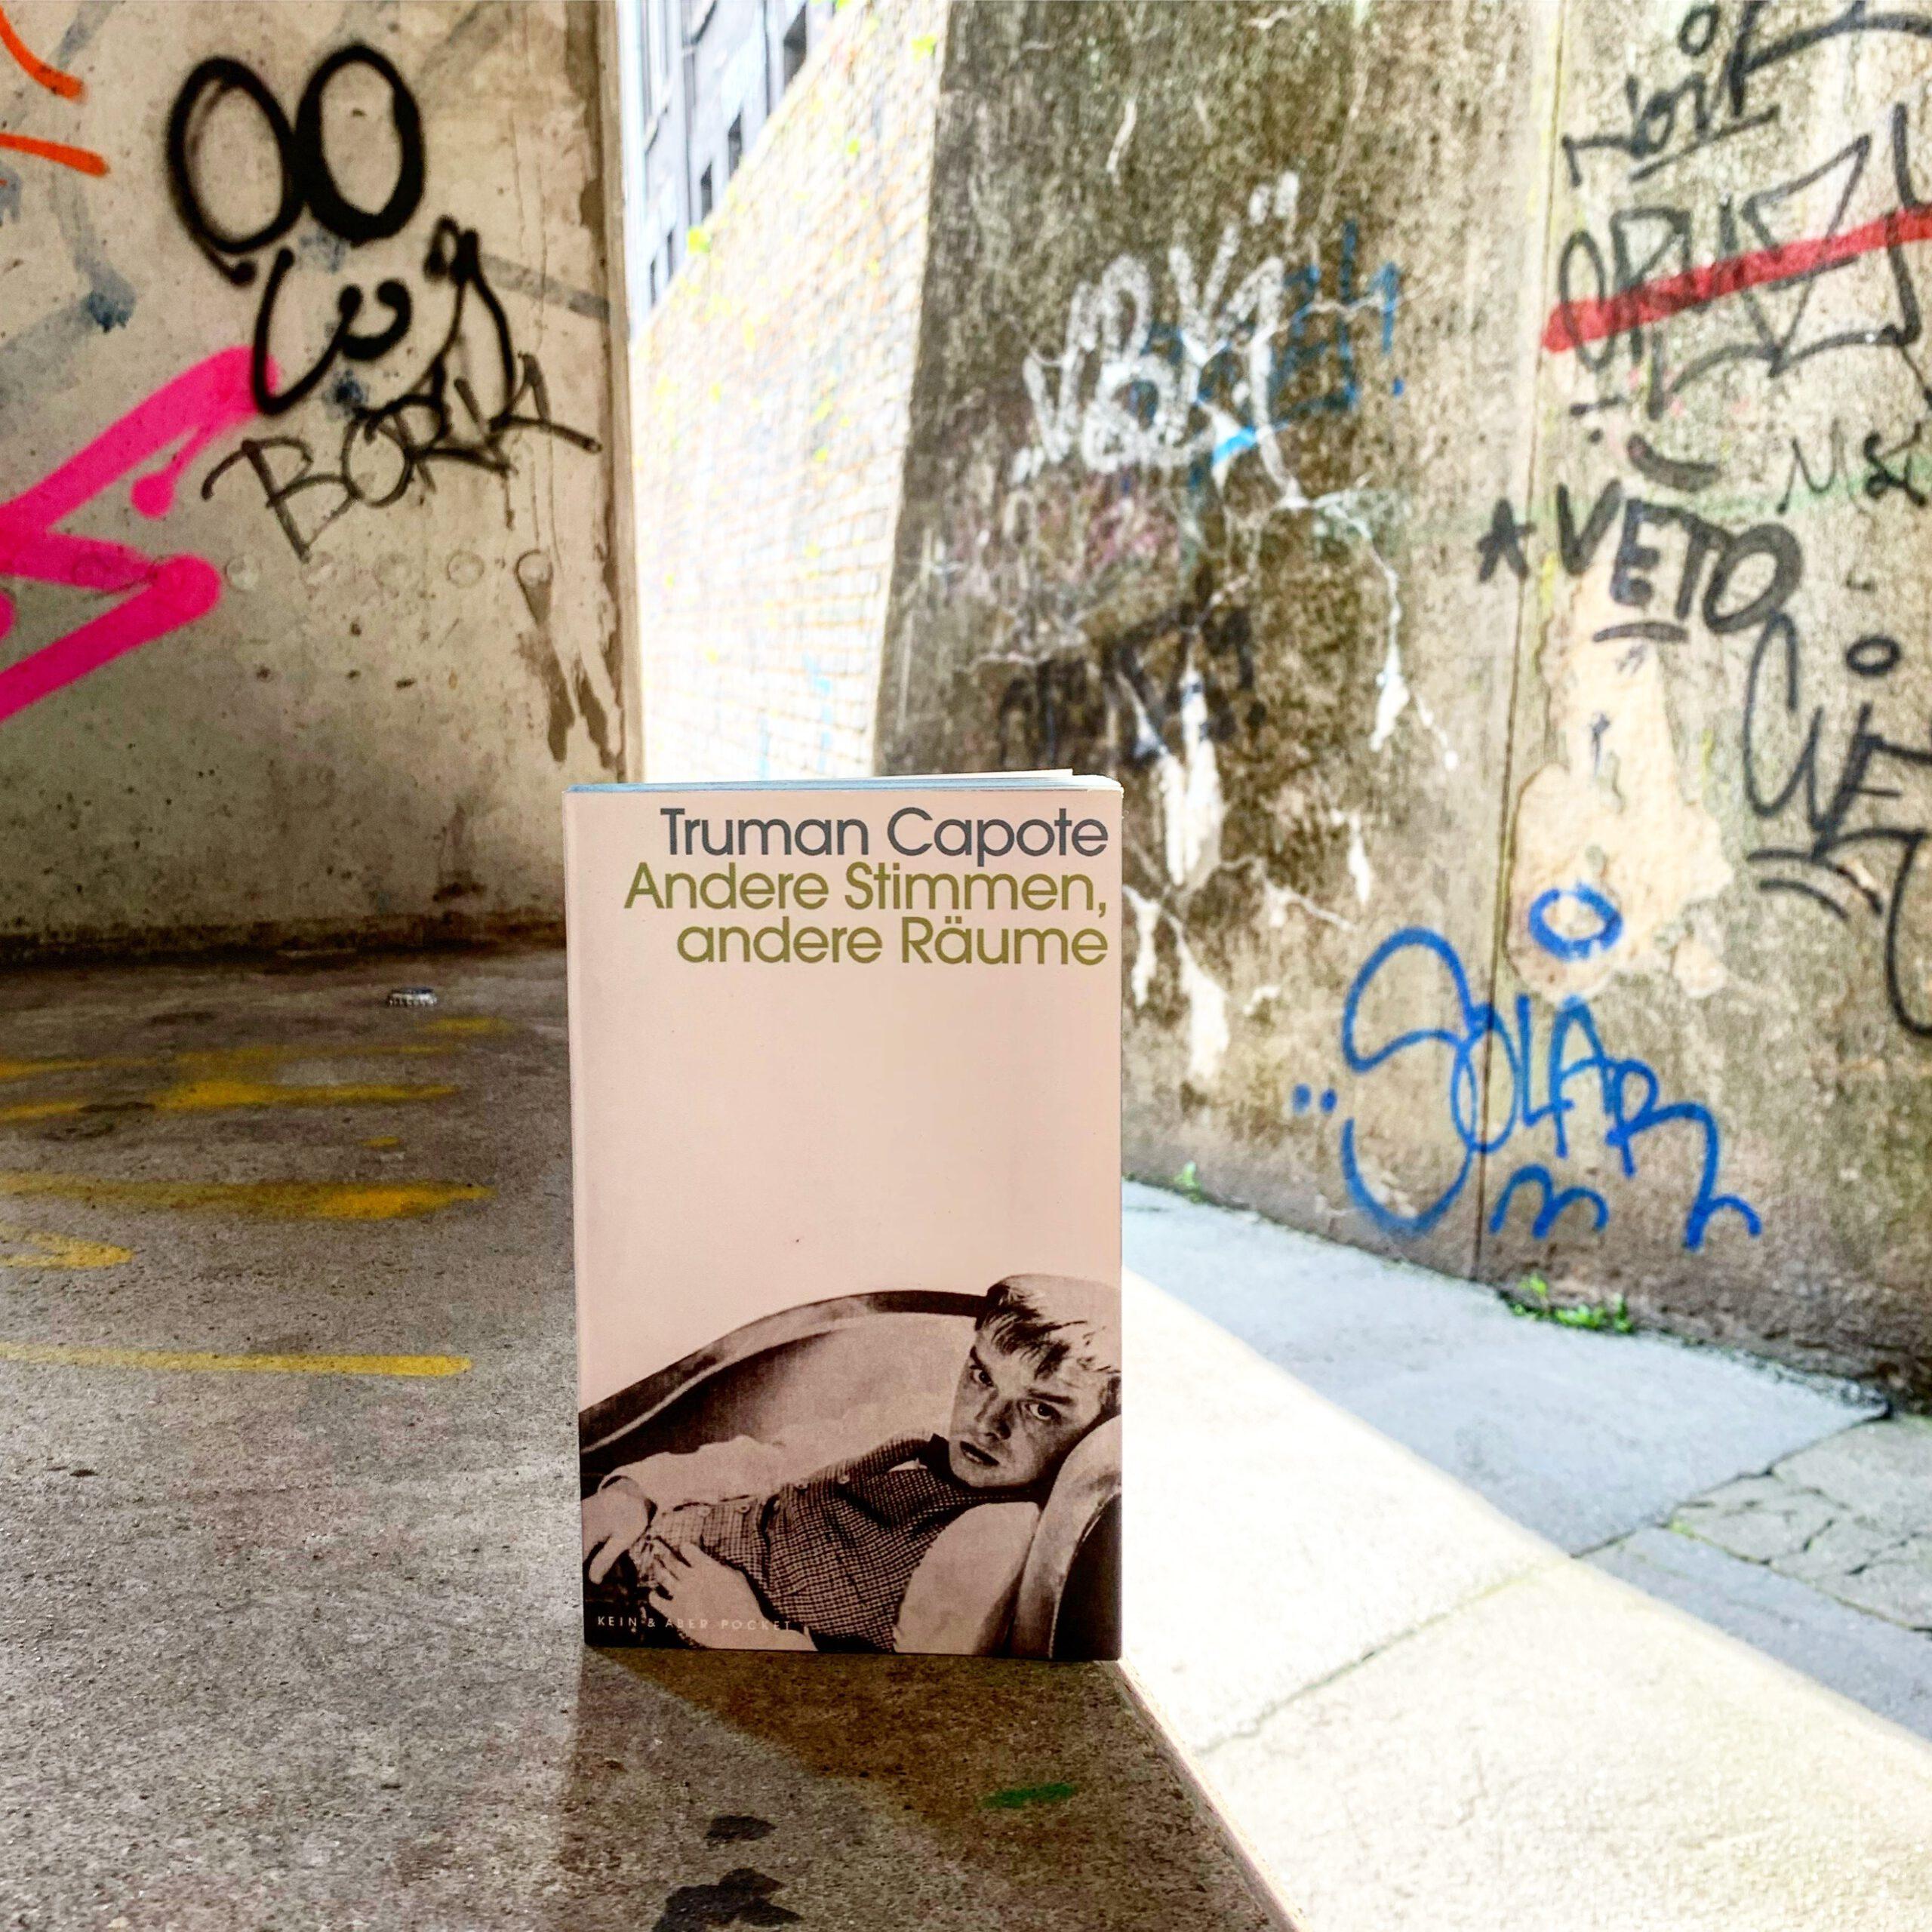 Truman Capote - Andere Räume, andere Stimmen